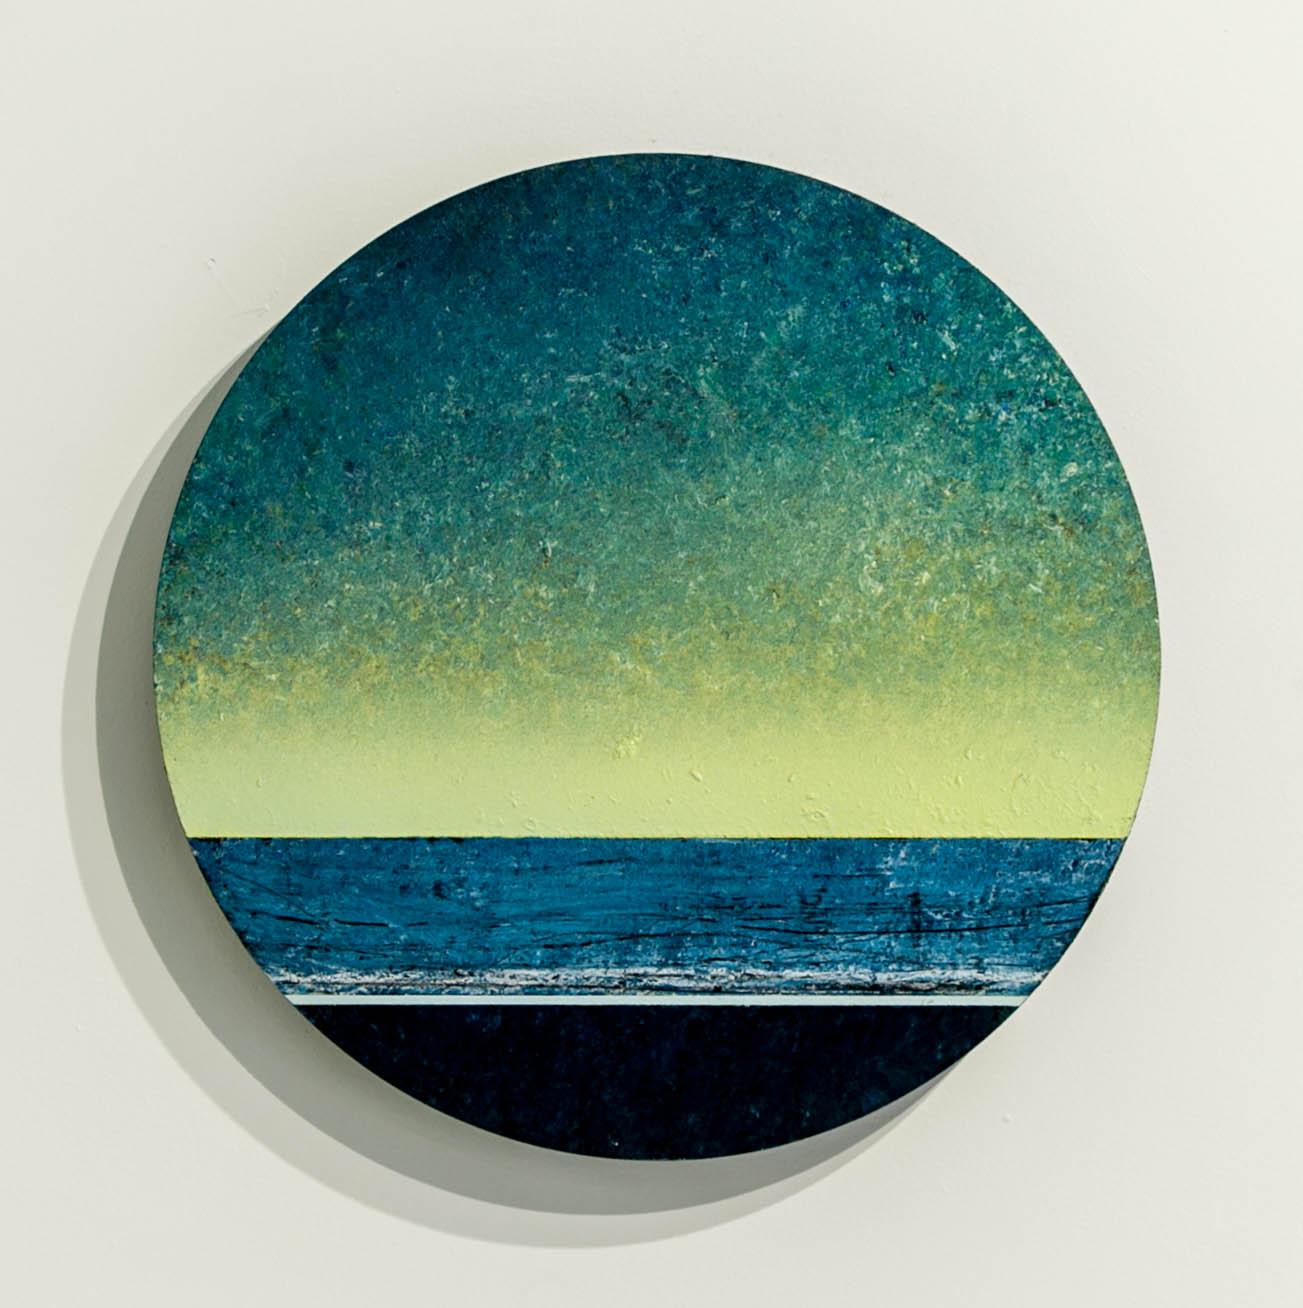 40. SOLD, Richard Adams, Untitled II